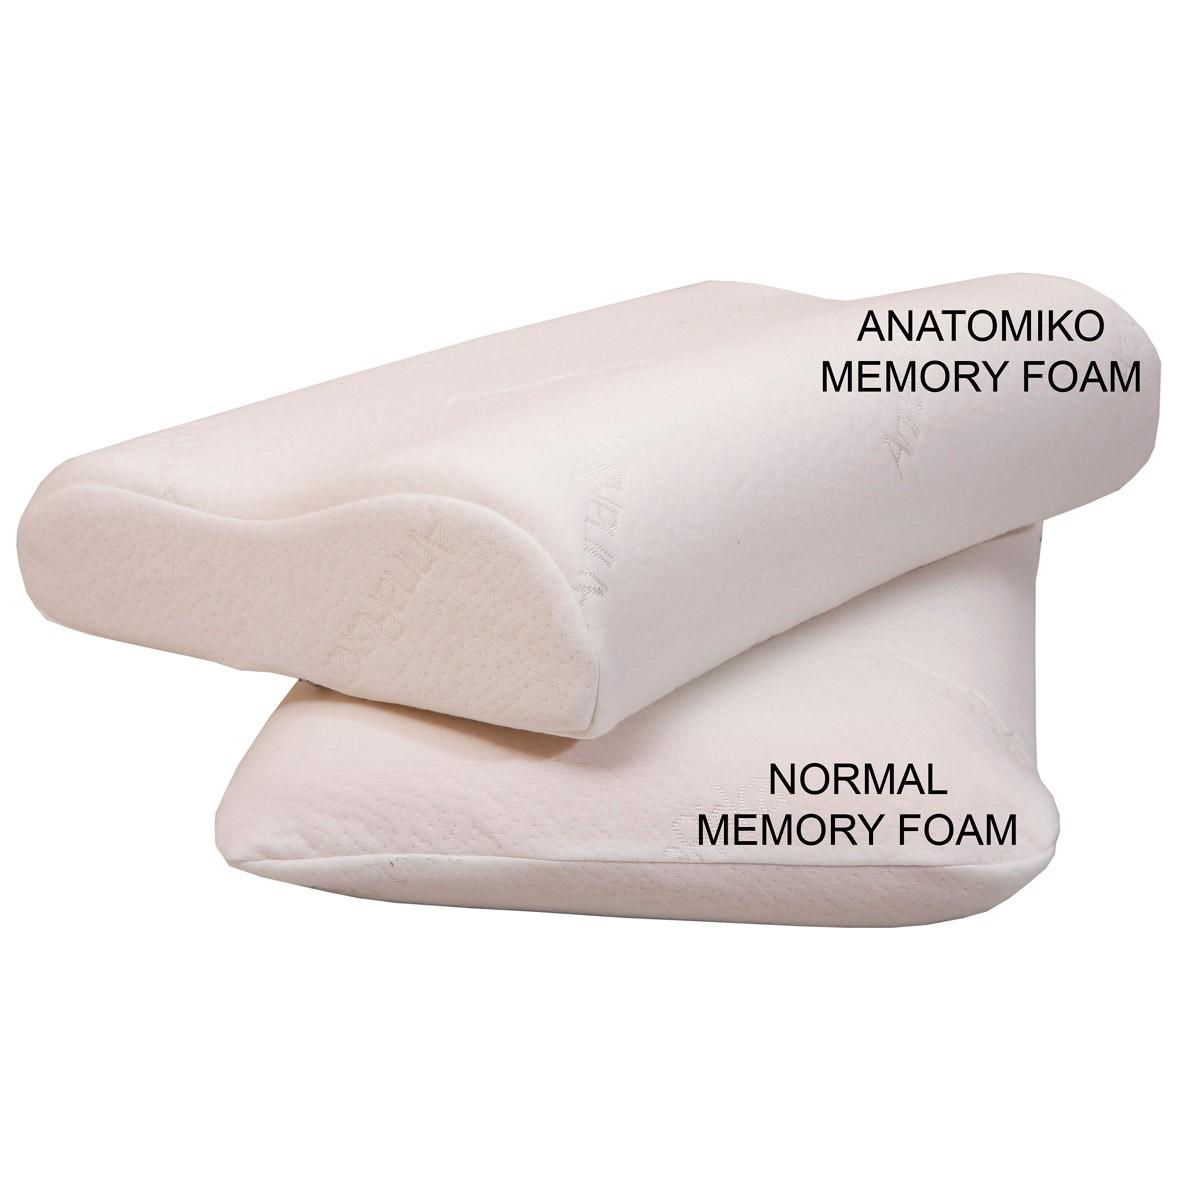 Μαξιλάρι Ύπνου Ανατομικό Anna Riska Memory Foam home   κρεβατοκάμαρα   μαξιλάρια   μαξιλάρια ύπνου